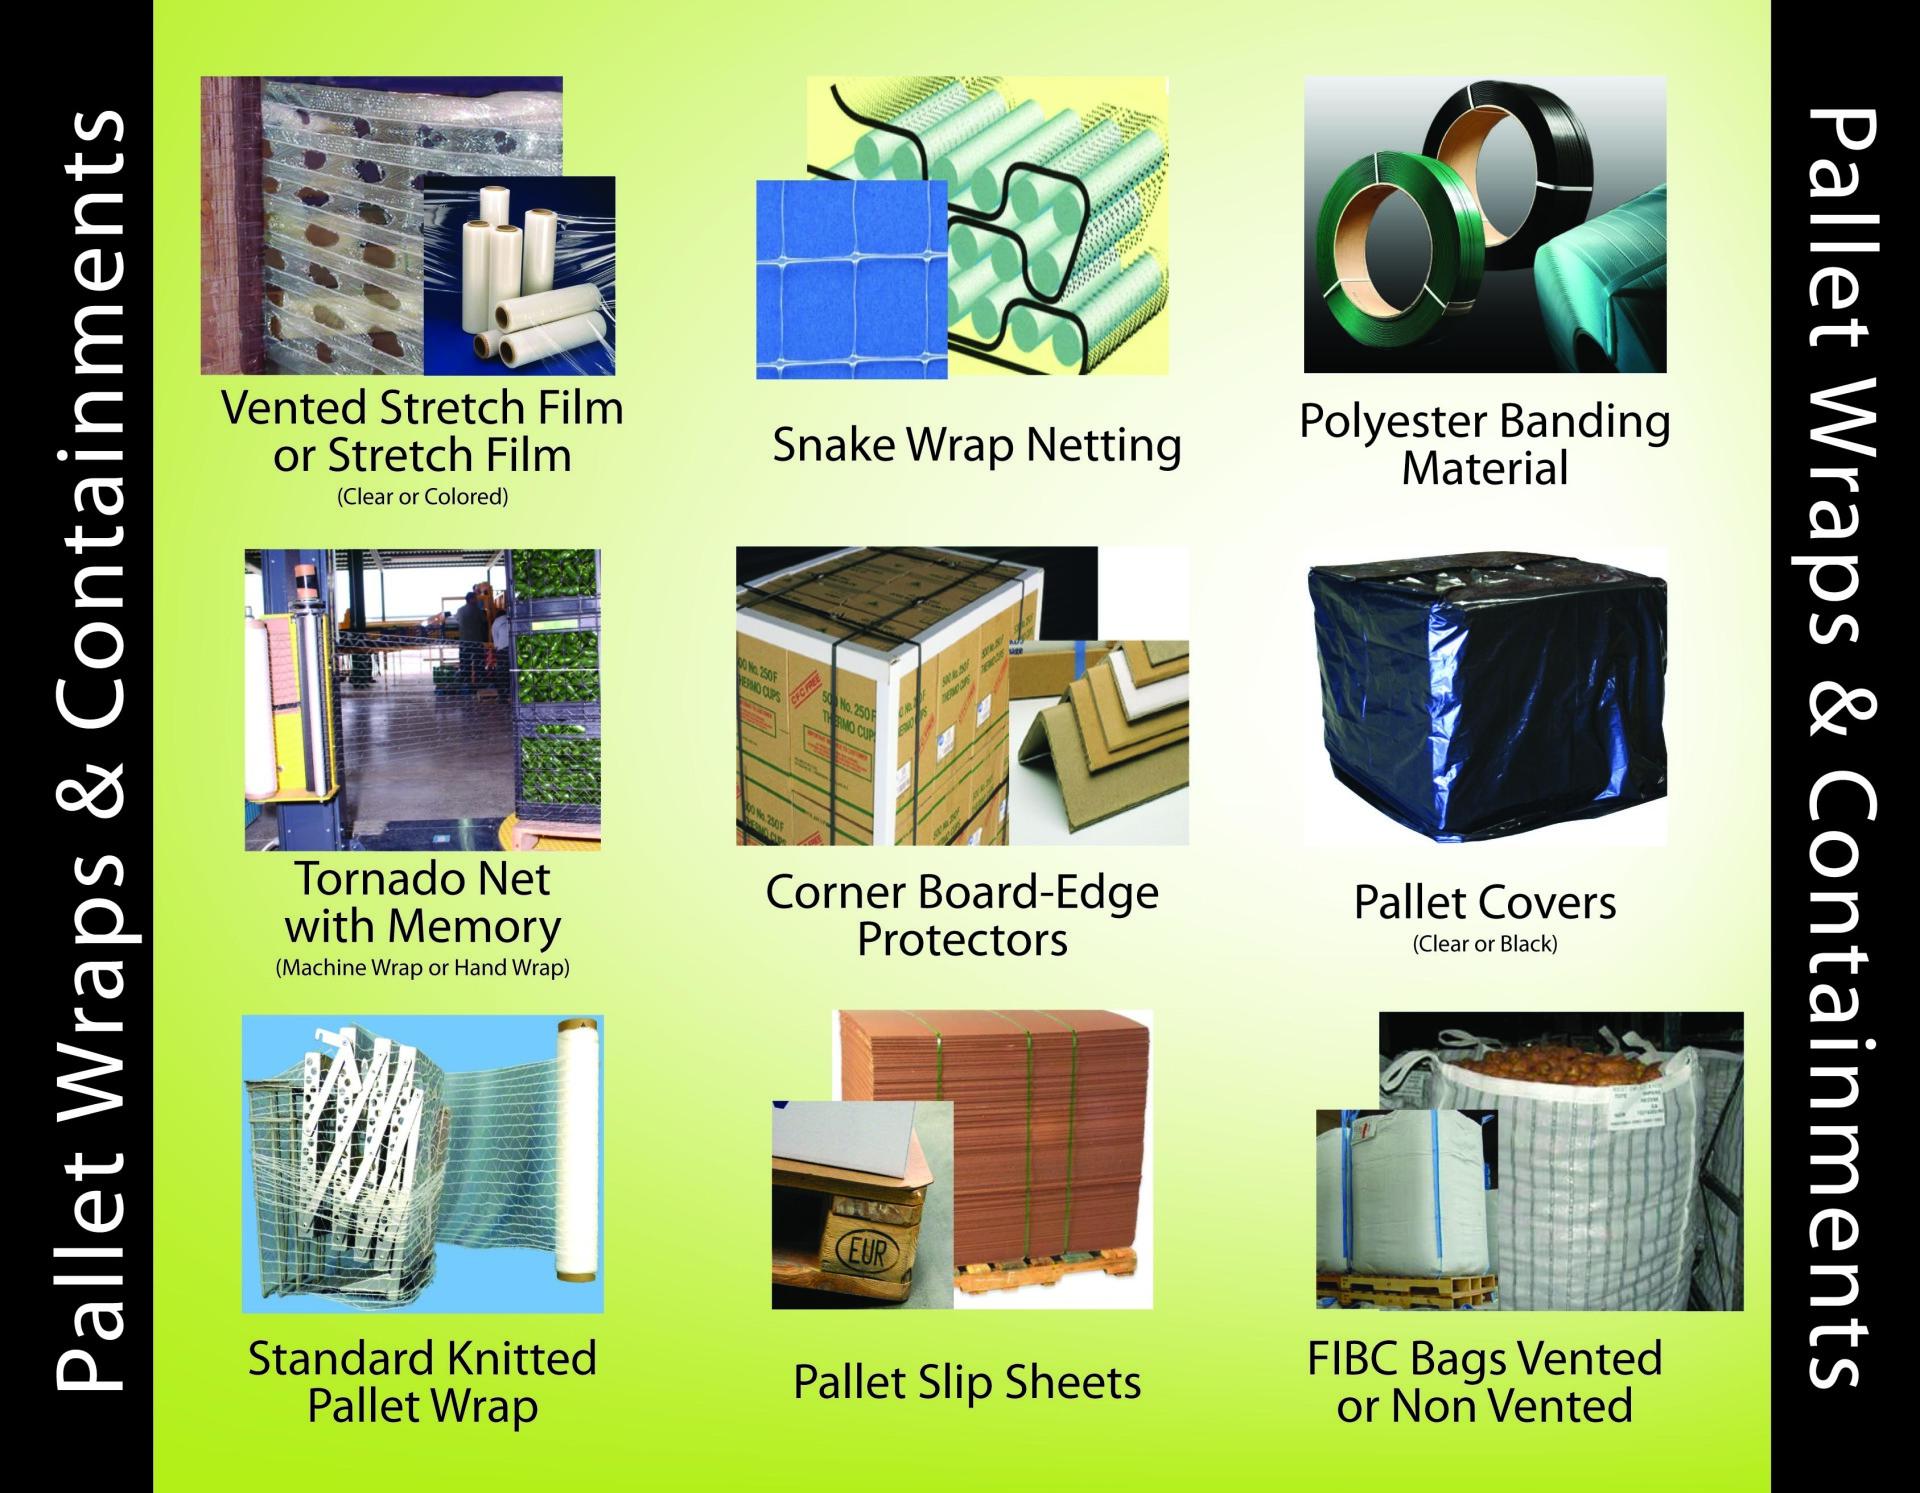 Pallet wraps/ Containments